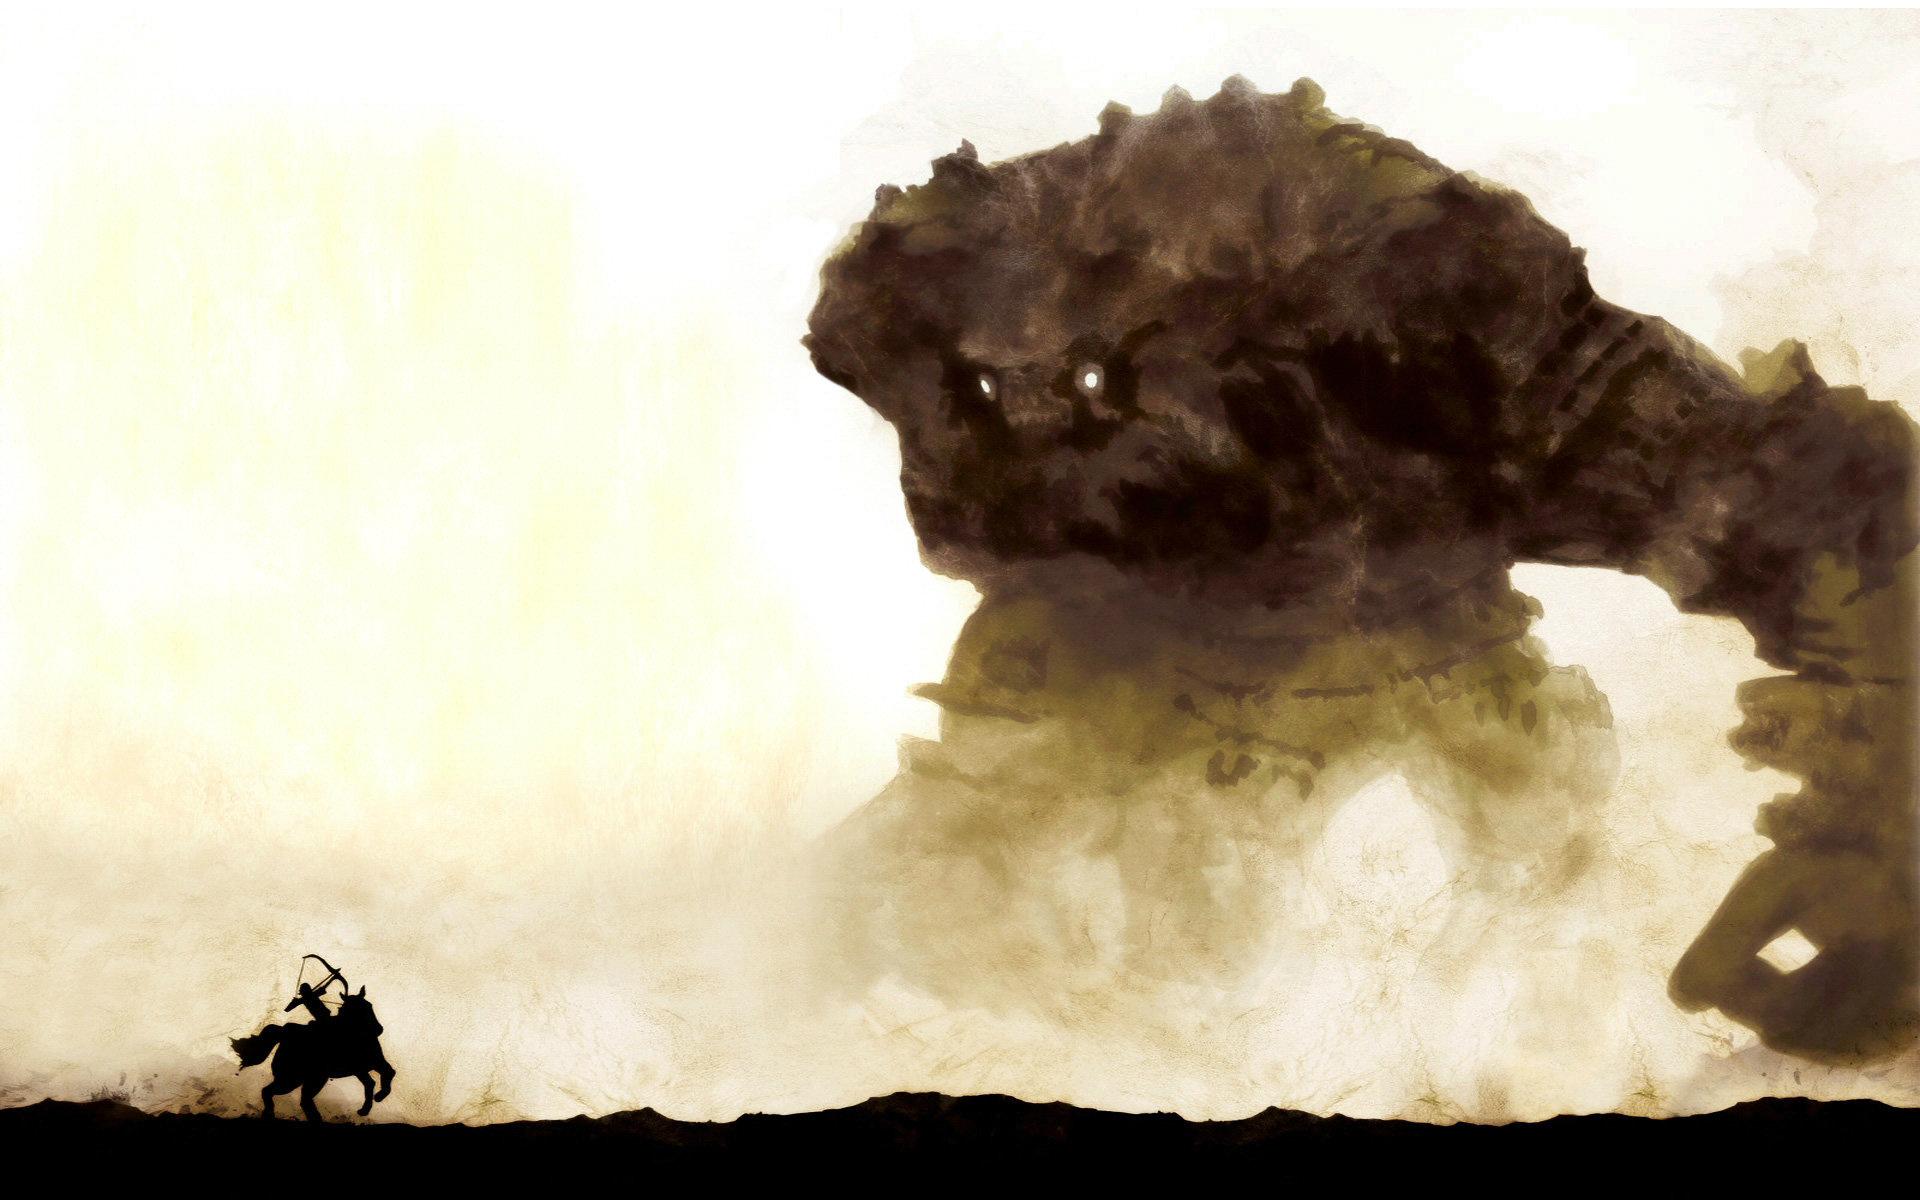 《旺達與巨像 重置版》:那個奔馳在荒野的少年